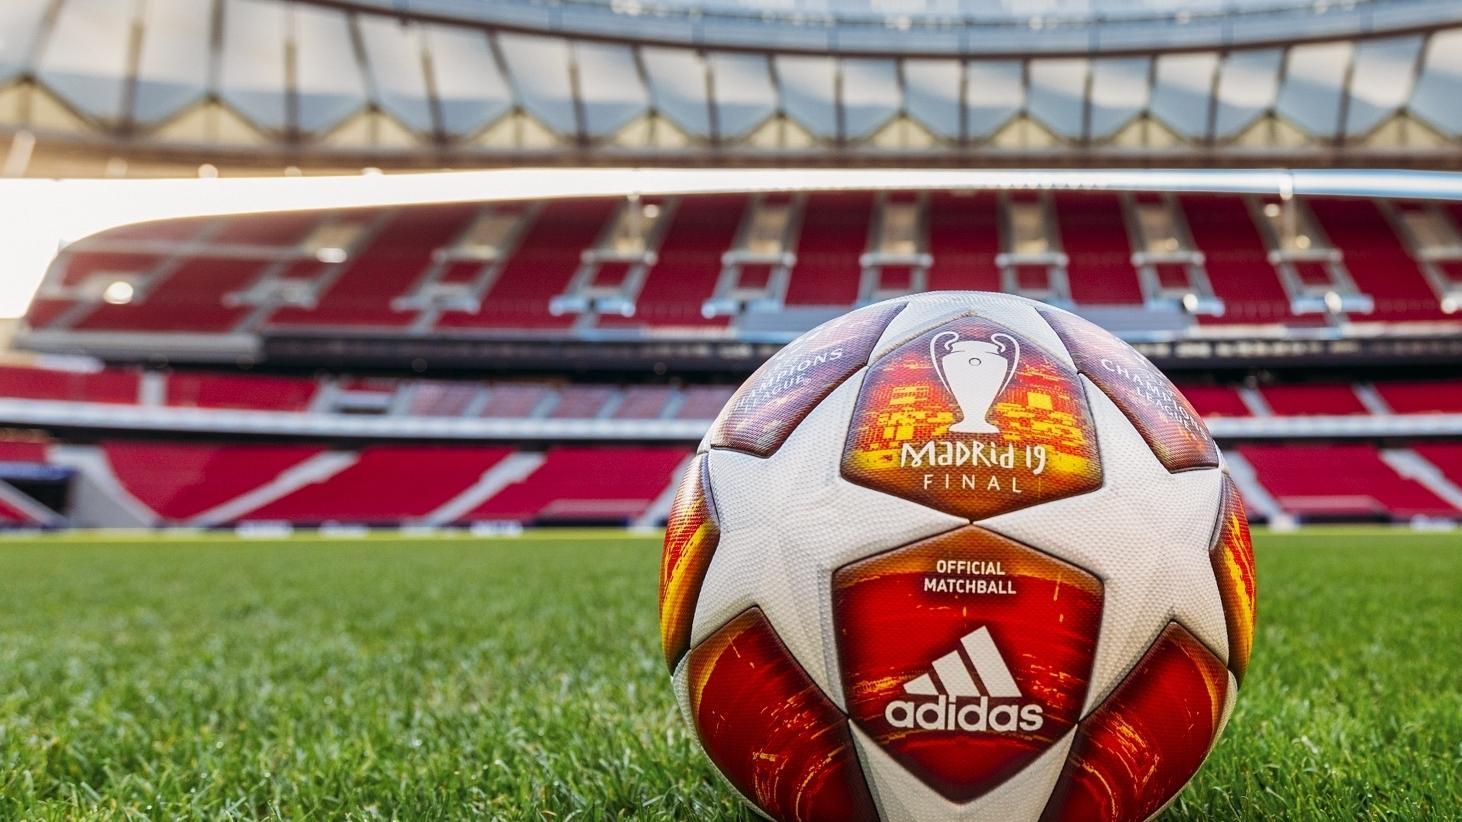 Th como eso Múltiple  adidas reveals official ball for 2019 UEFA Champions League final | UEFA Champions  League | UEFA.com